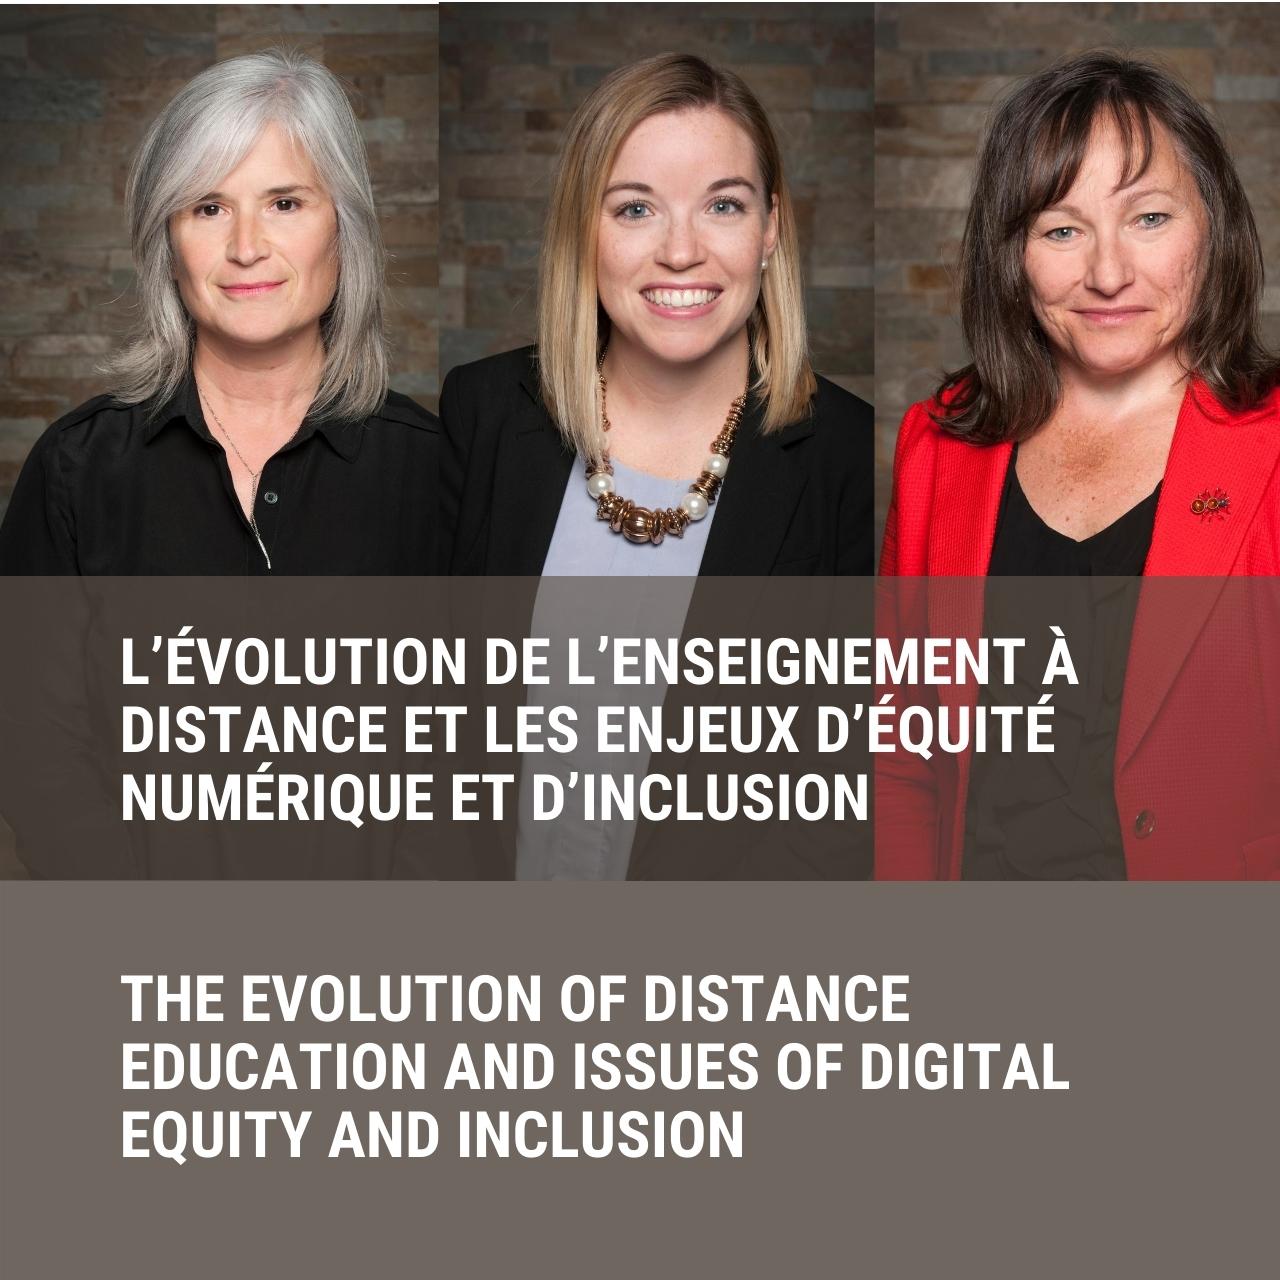 Nathalie Bélanger, Megan Cotnam-Kappel, Phyllis Dalley